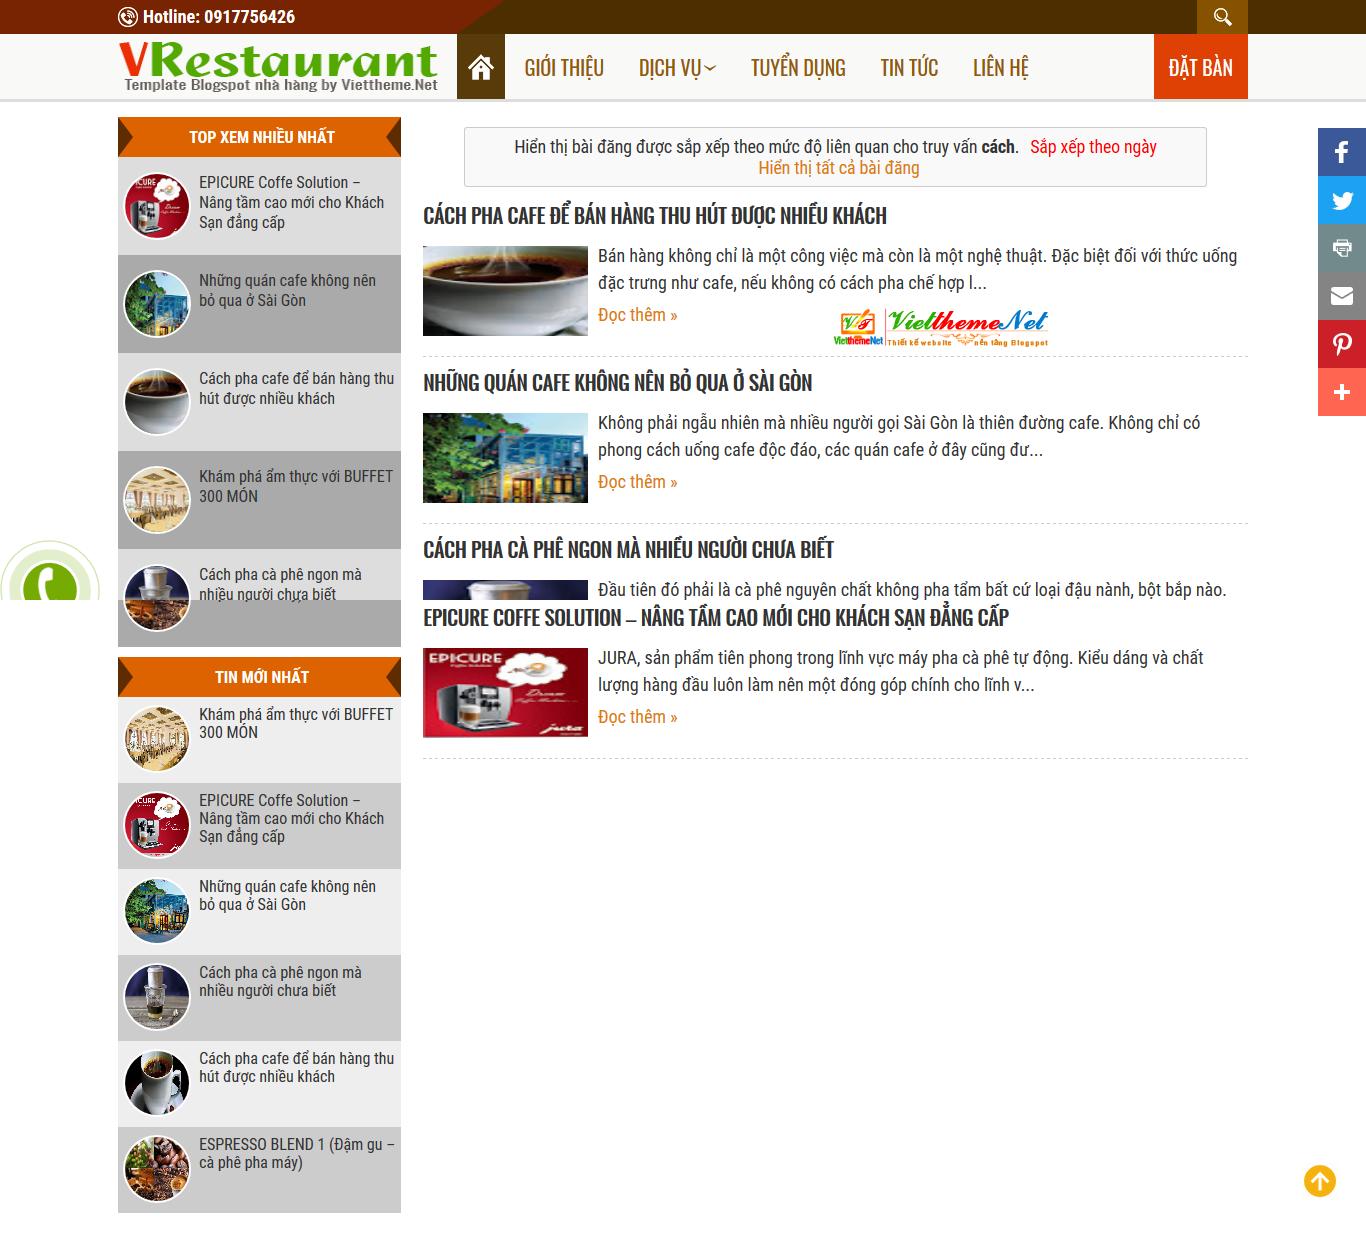 VRestaurant Template Blogspot dành cho nhà hàng sang trọng